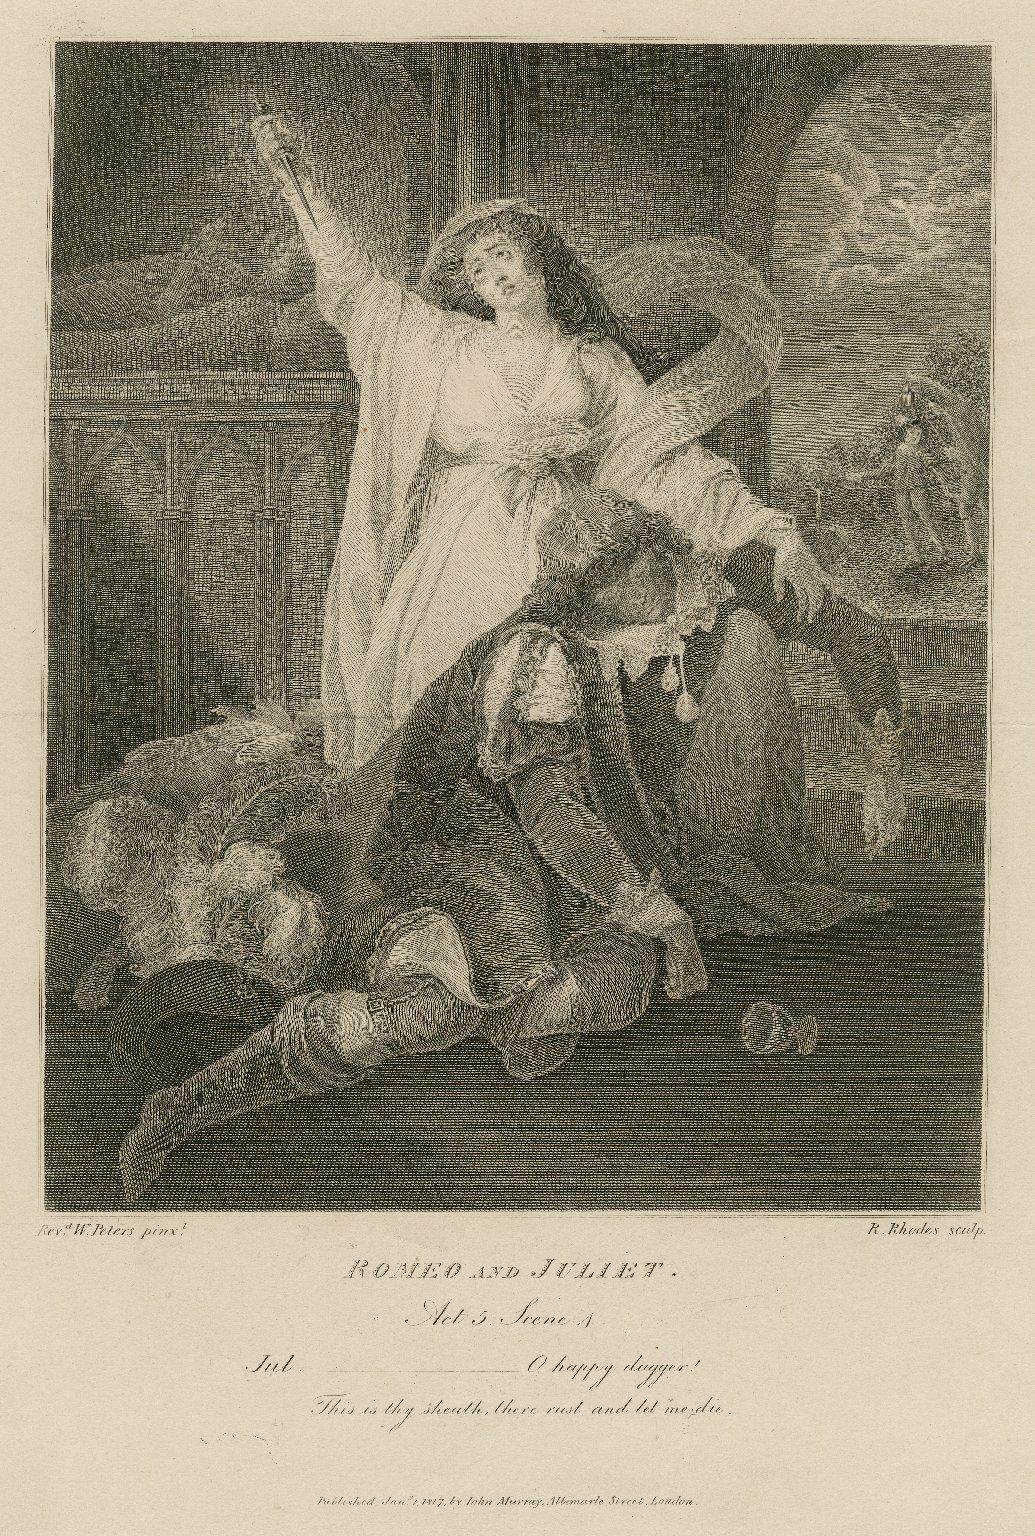 Romeo and Juliet, act 5, scene 4 [i.e. scene 3], Jul.: O happy dagger! ... [graphic] / Revd. W. Peters pinxt. ; R. Rhodes sculp.